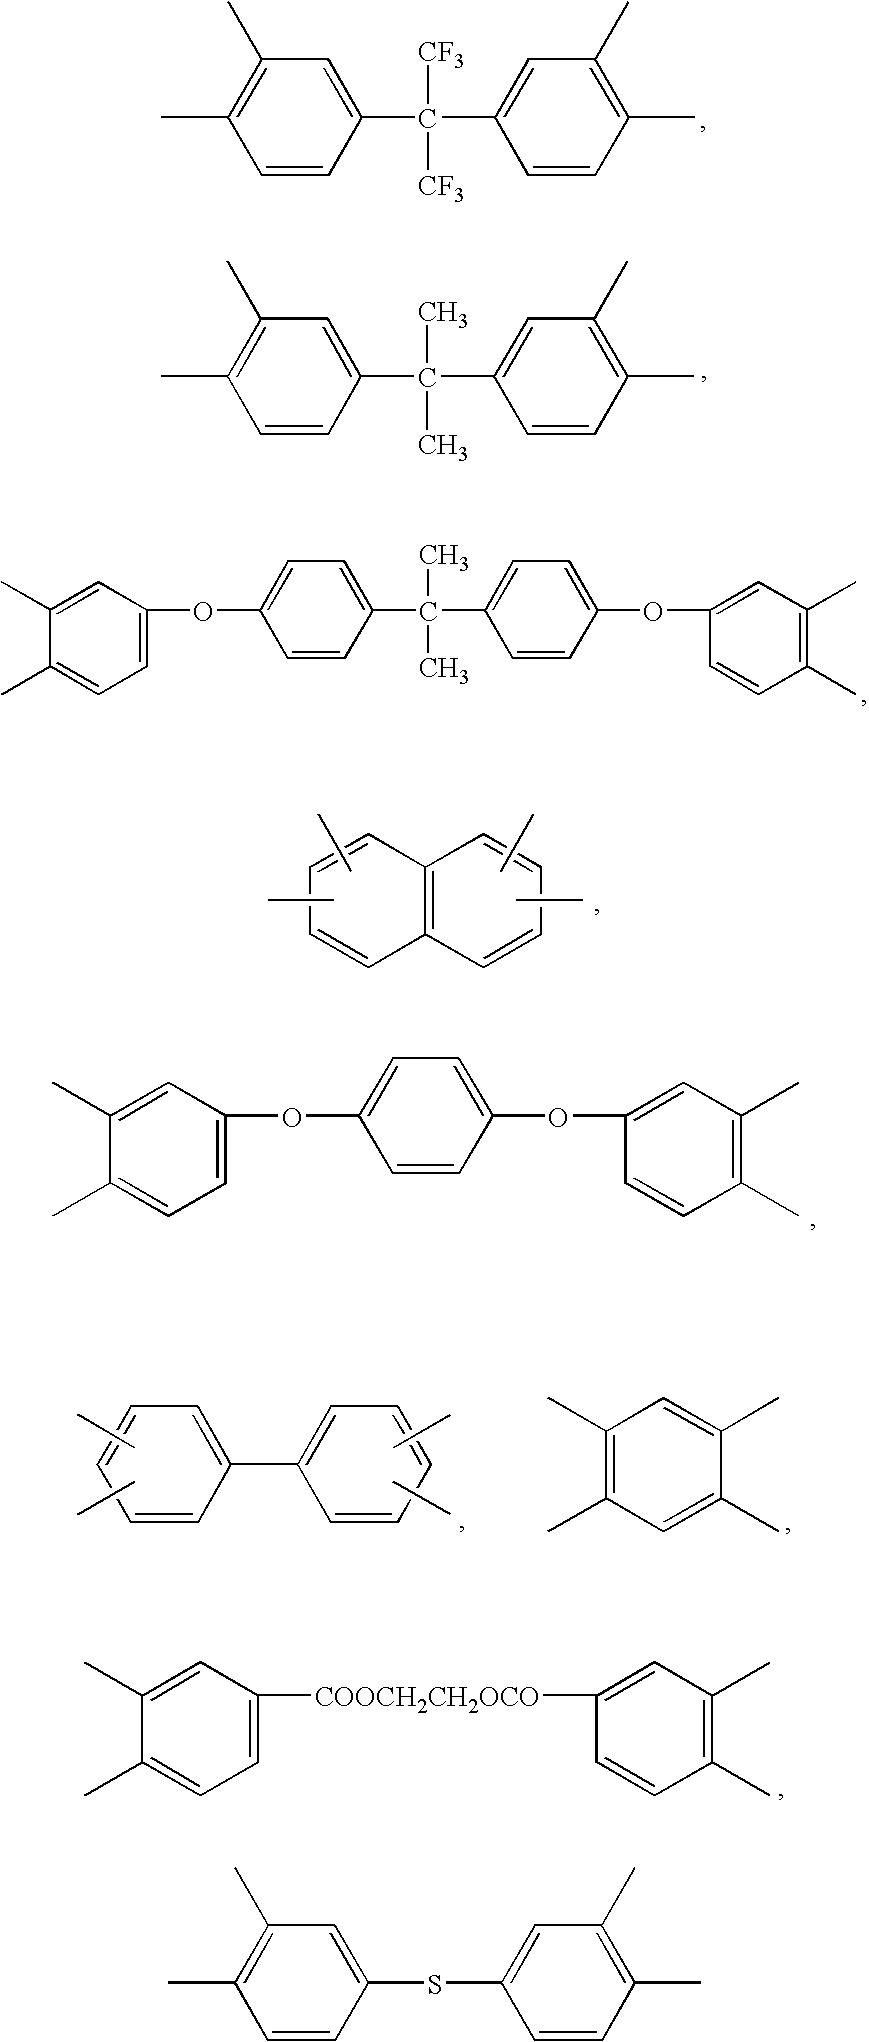 Figure US08127937-20120306-C00019